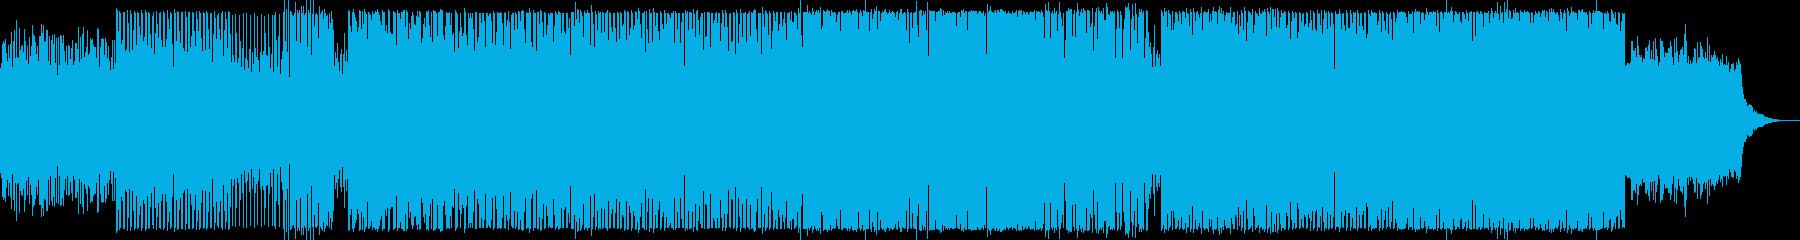 連綿と続く エレクトロ年代記の再生済みの波形